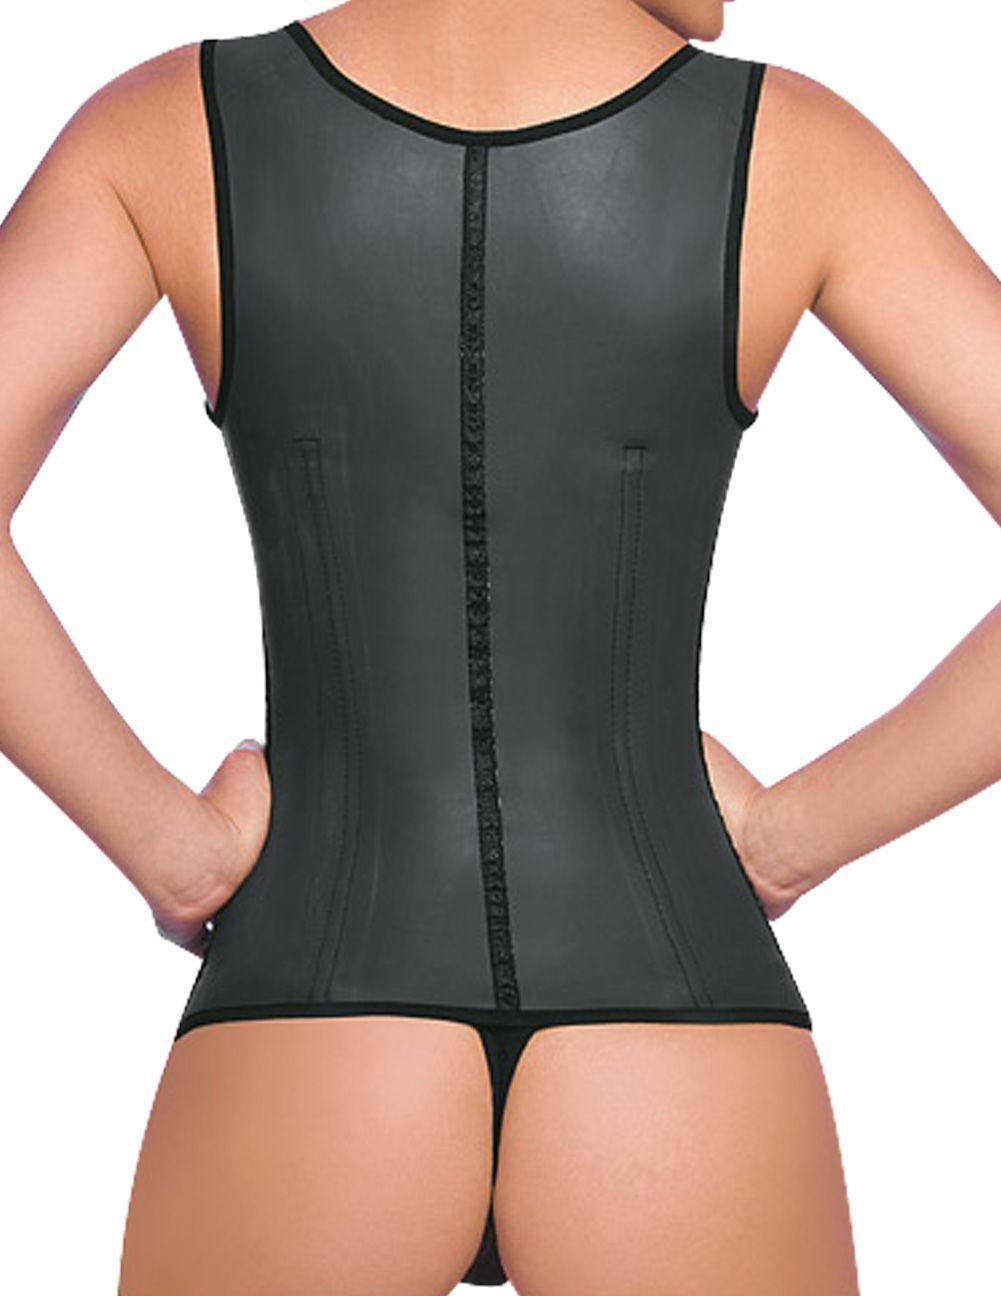 1bf79fc70d5 Shapewear for Women  Ann Chery 2027 Latex Vest Body Shaper